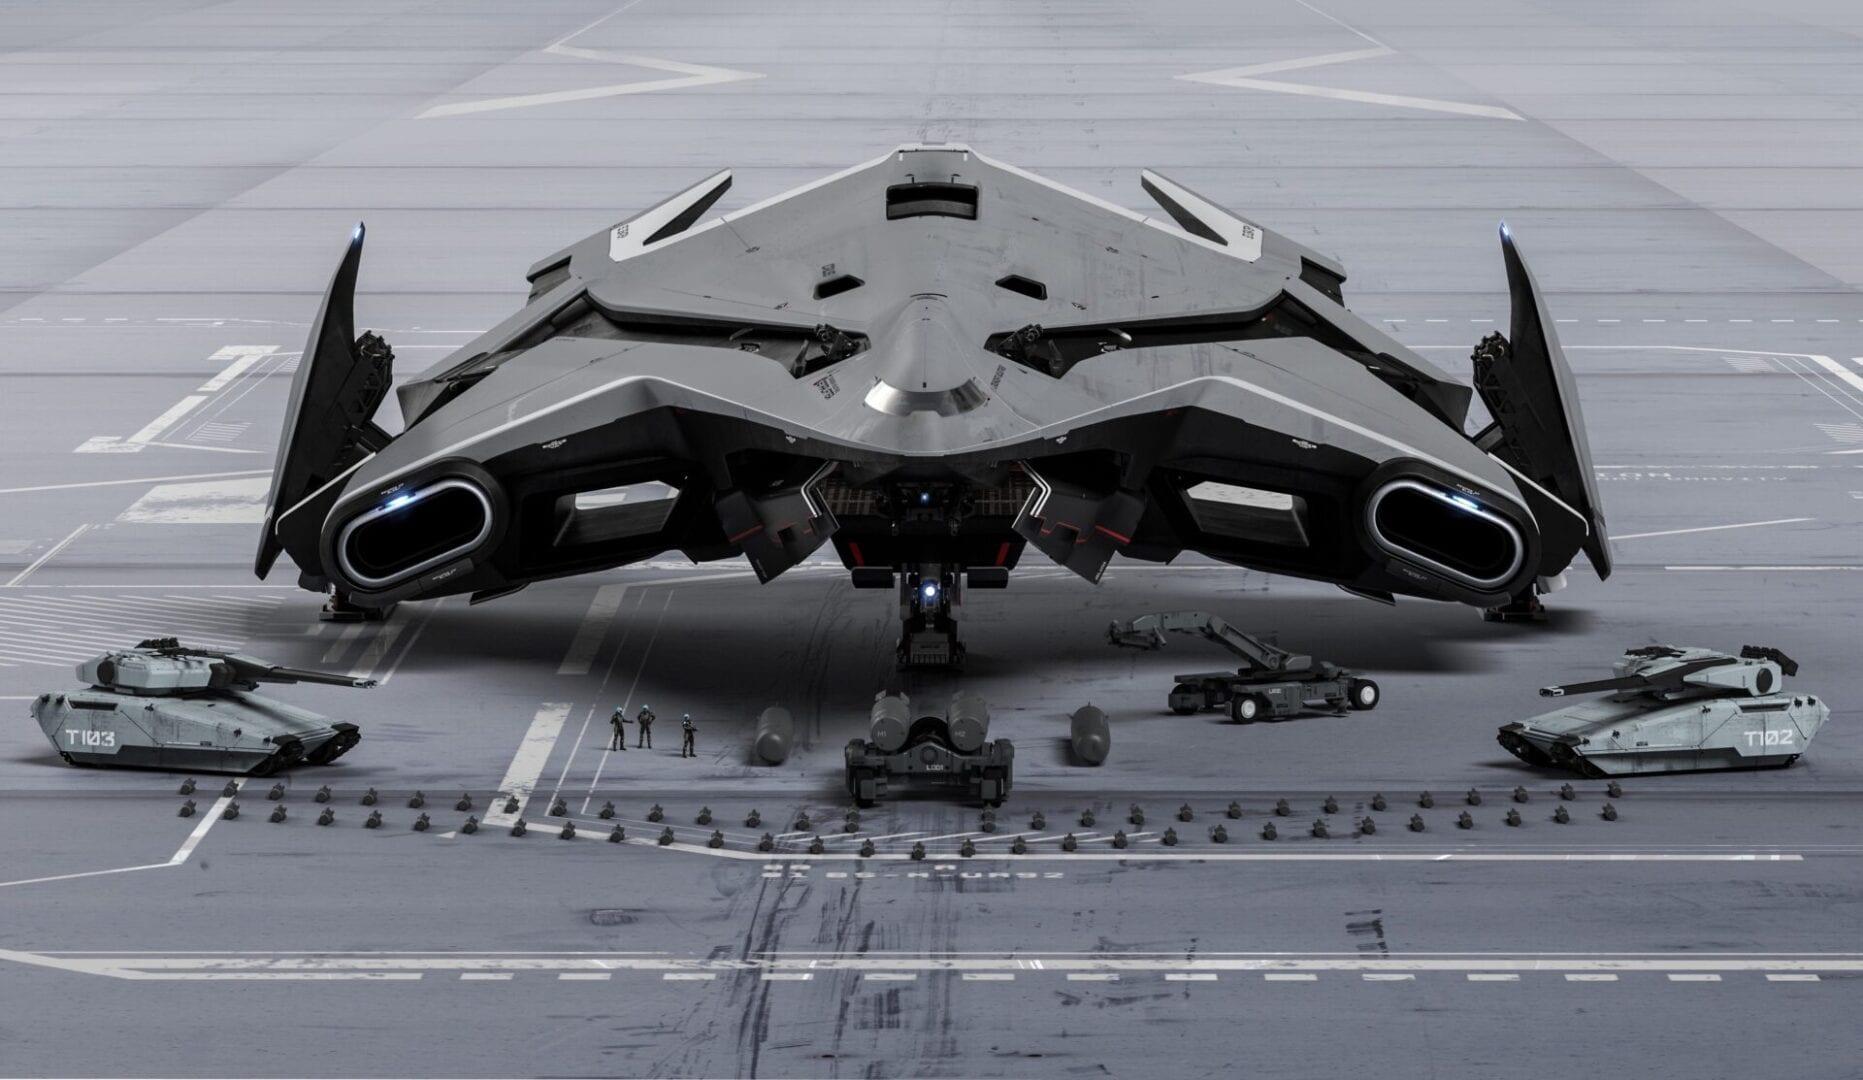 Видео Star Citizen демонстрируют Hercules Starlifter, динамические события и многое другое